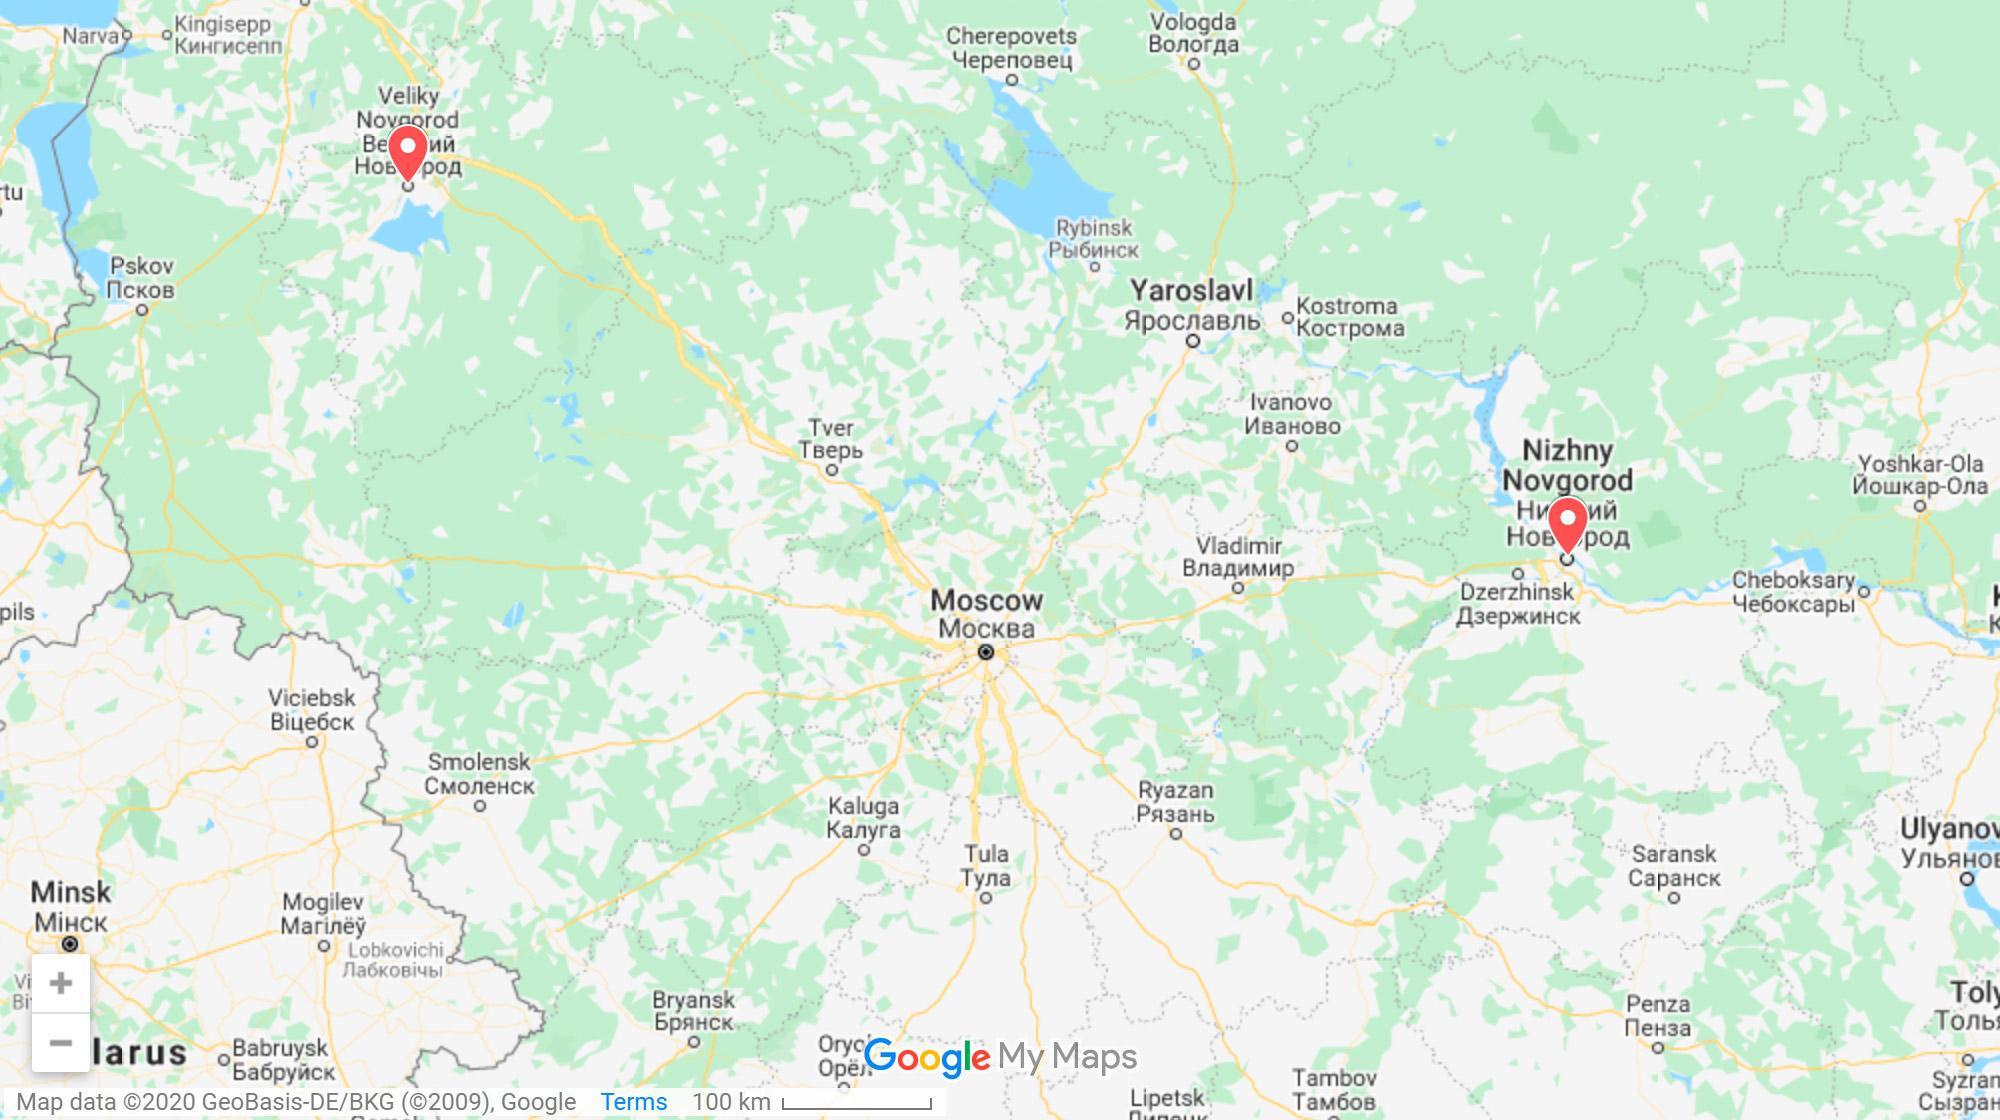 Великий Новгород находится между Санкт-Петербургом и Москвой. До Петербурга по трассе около 200км, до Москвы — 600